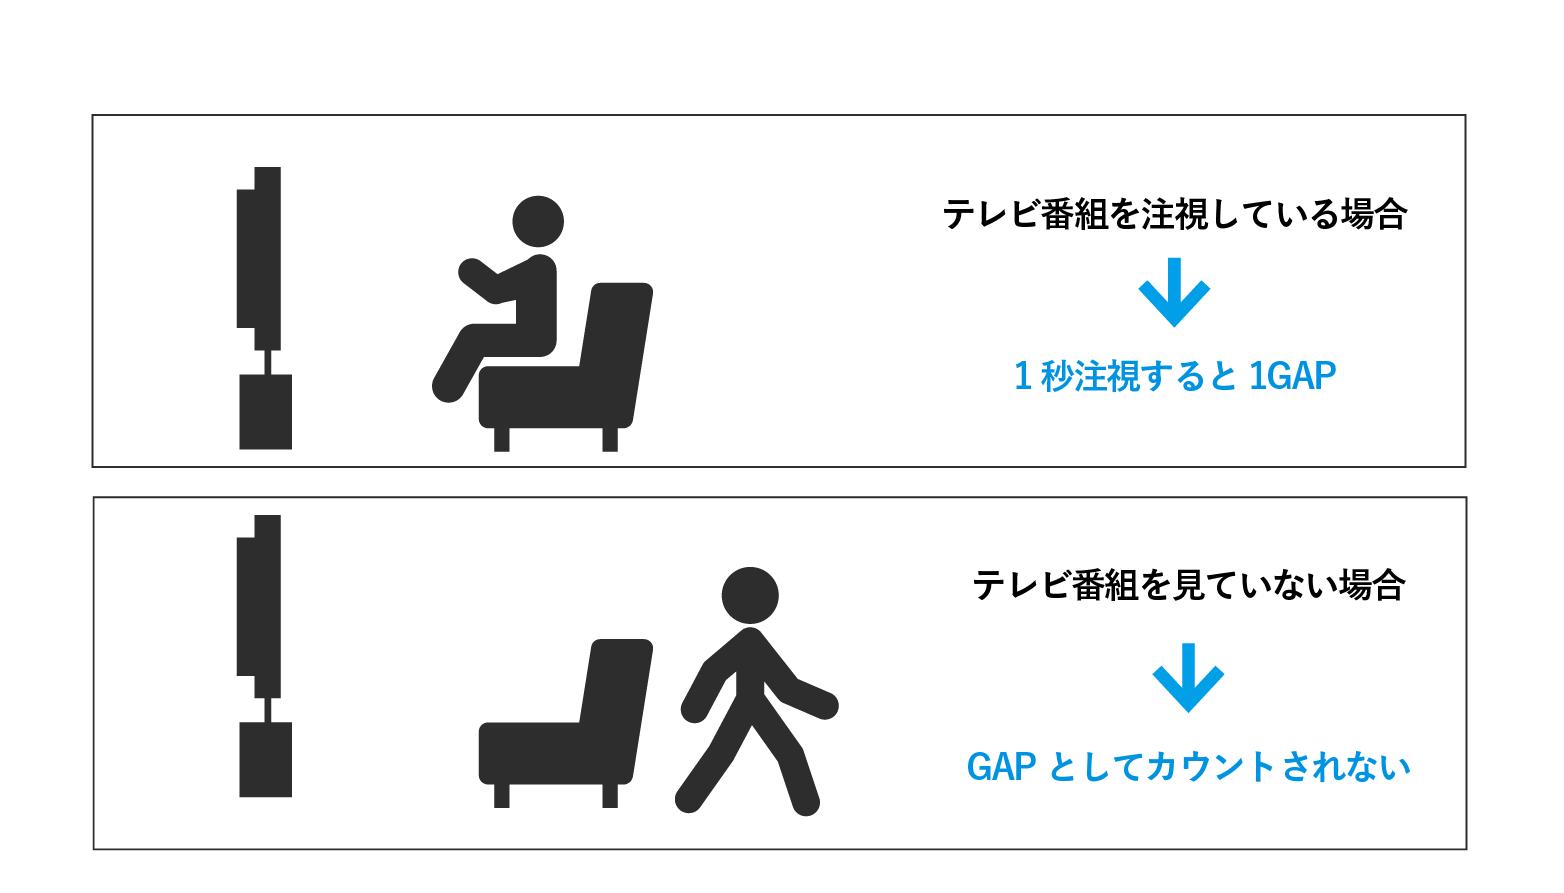 GAPとは?:視聴者がテレビ画面を注視しているかを測定する方法